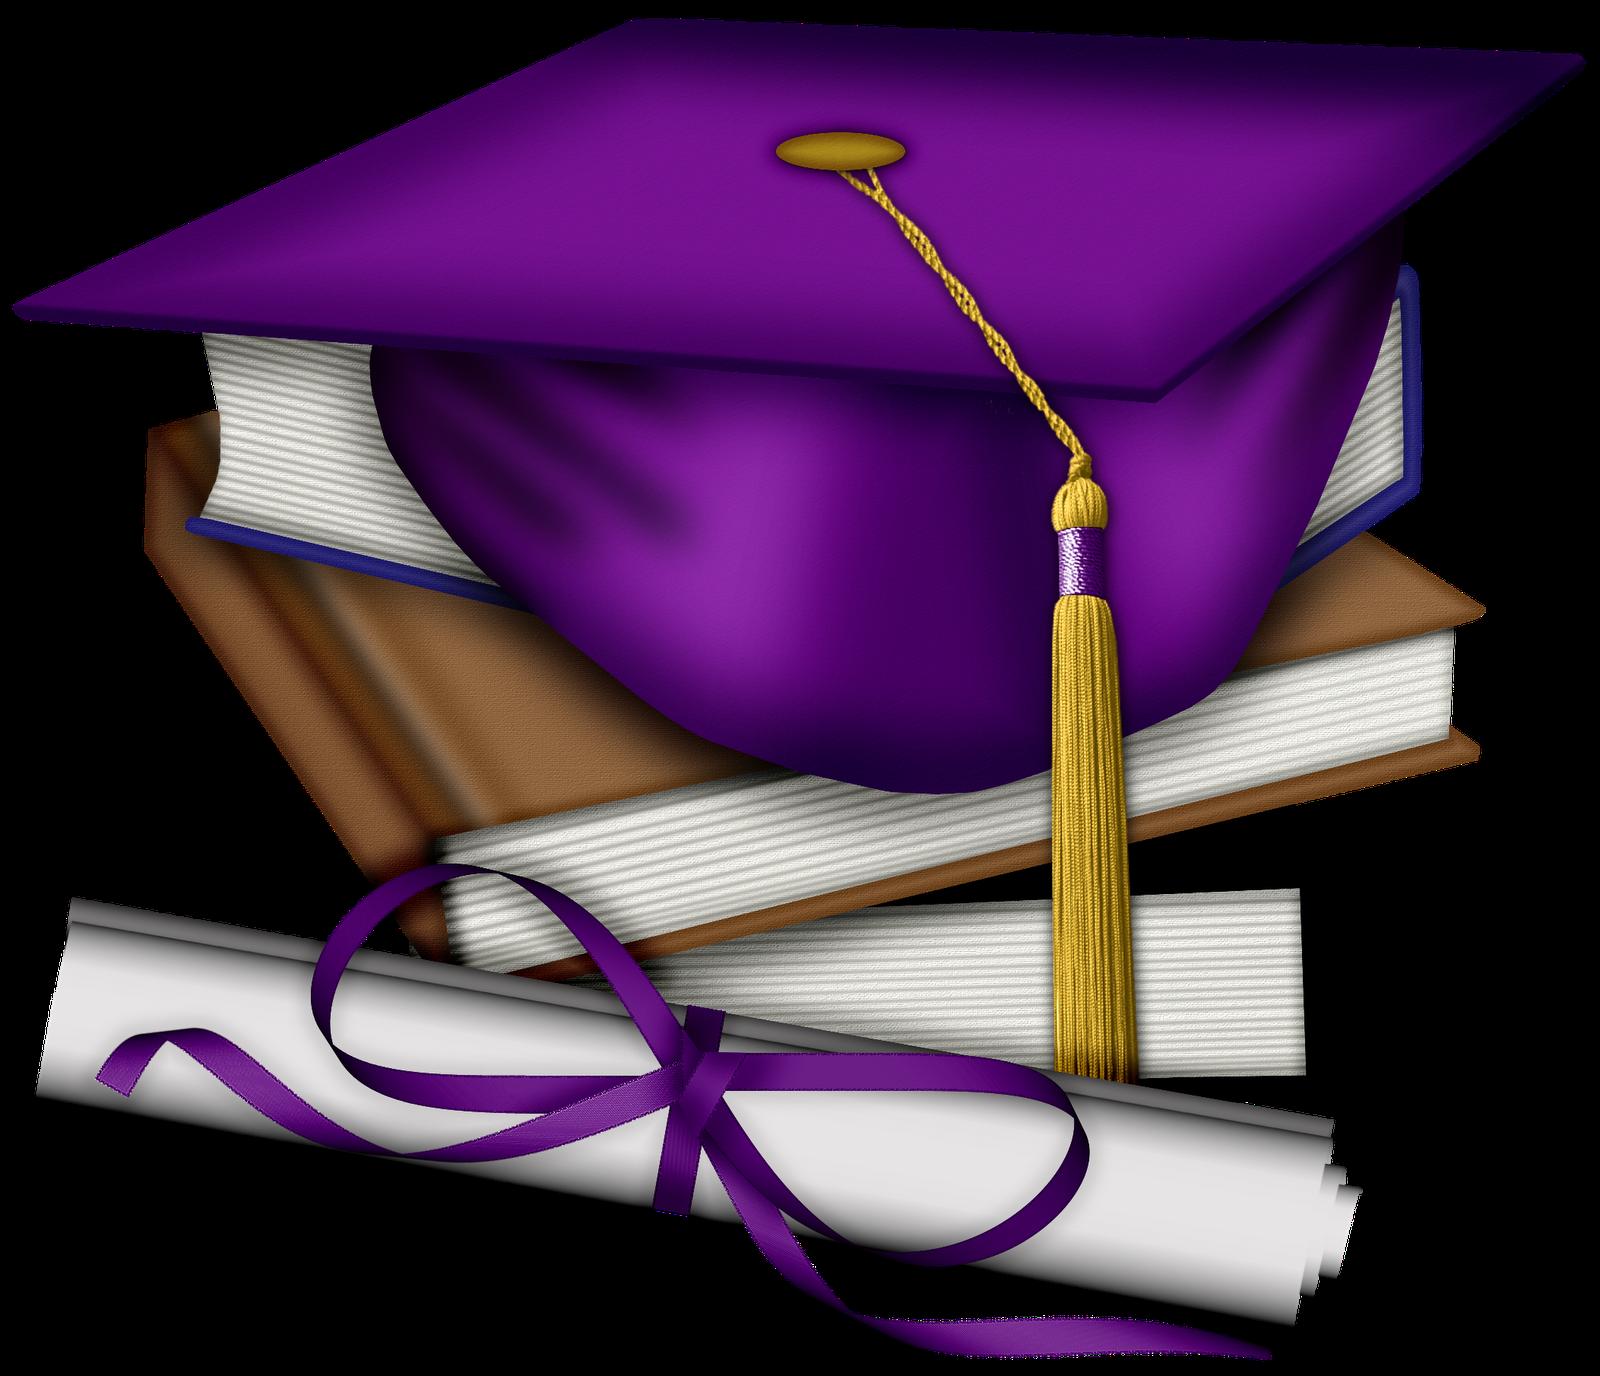 Graduation Border Png Bac Clipart - Free Clip Art Images ...